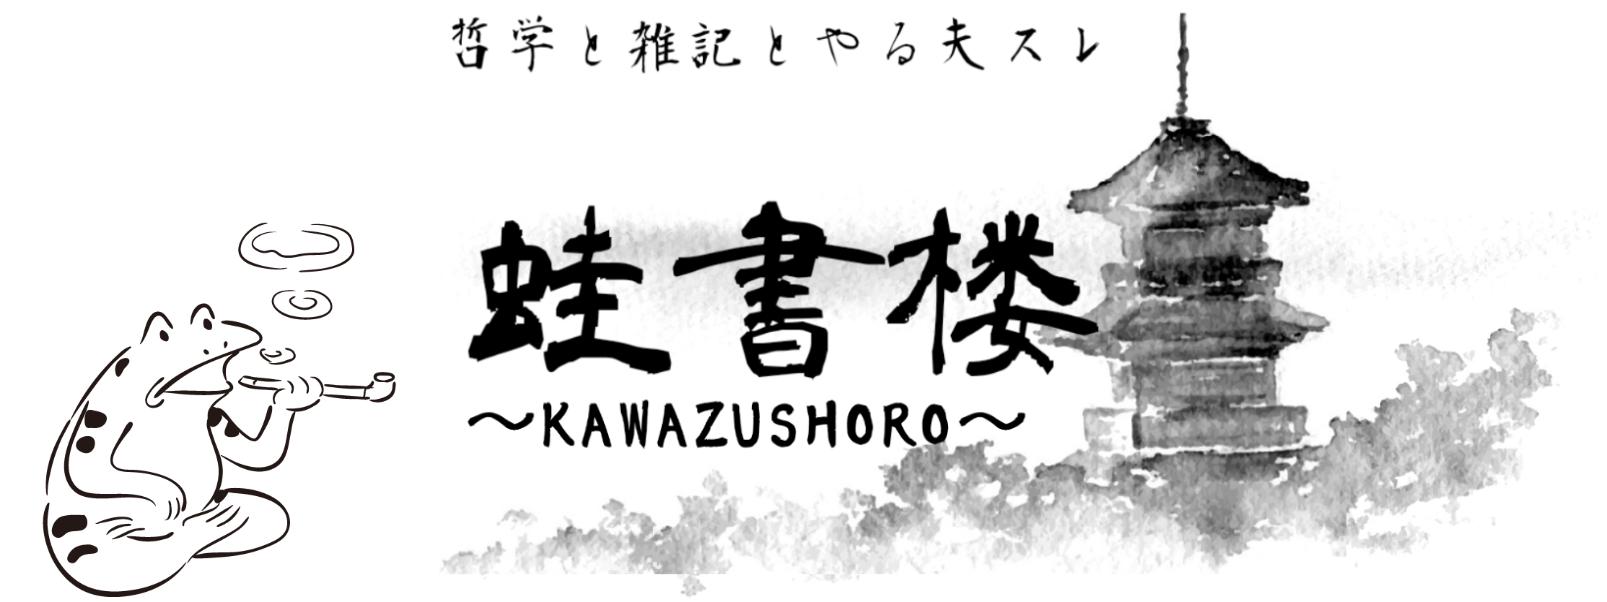 蛙書楼~KAWAZUSHORO~